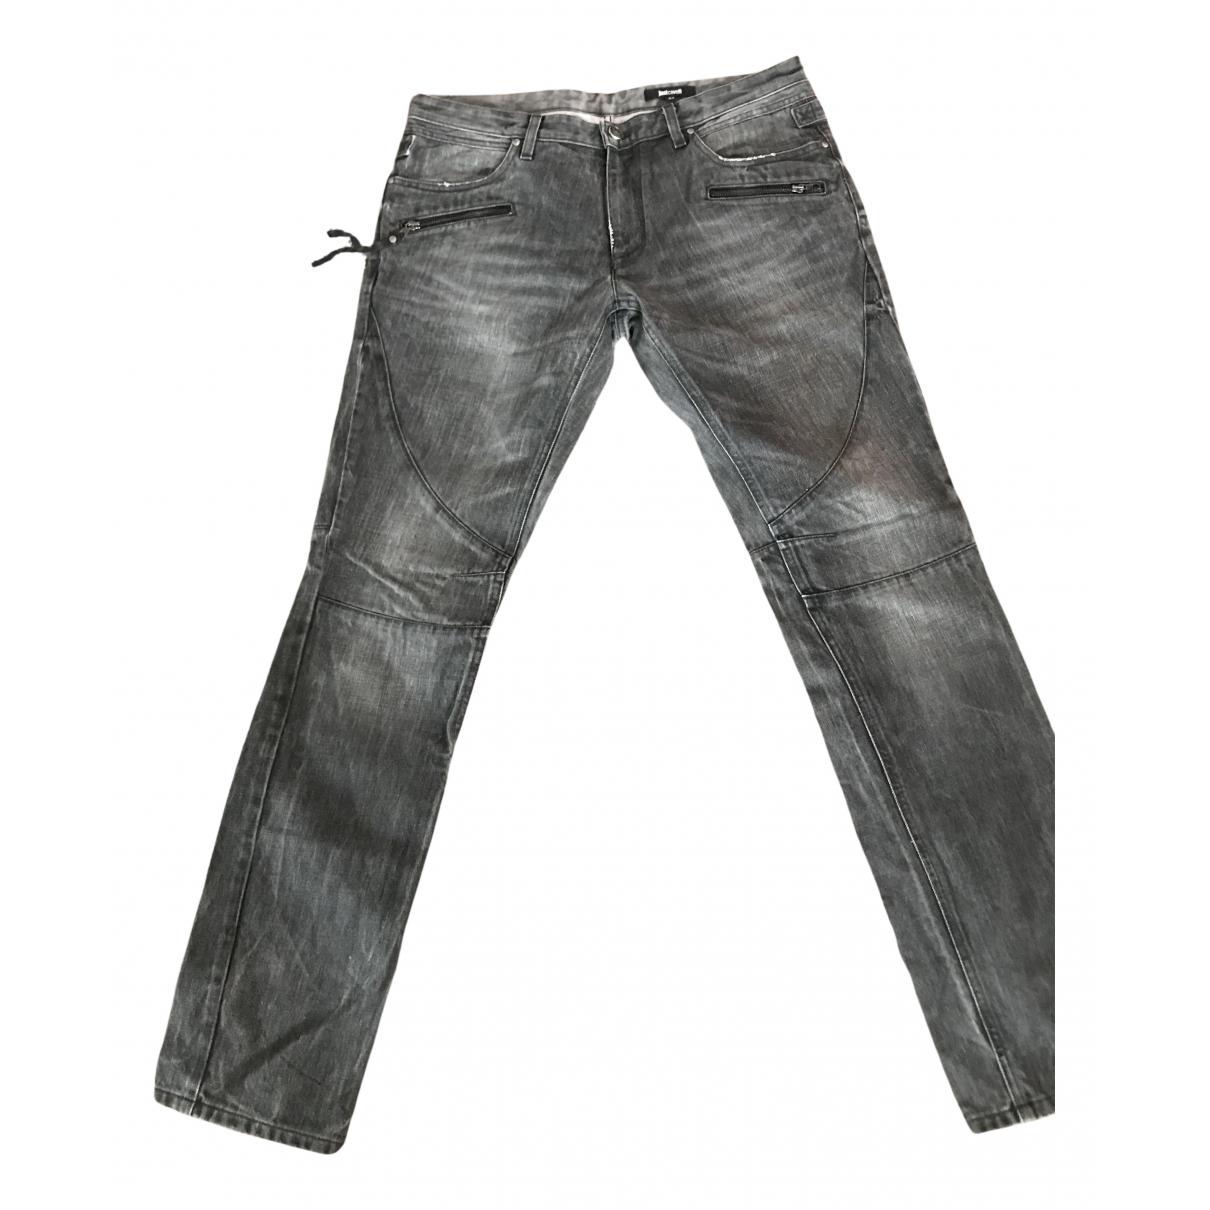 Pantalones en Denim - Vaquero Antracita Just Cavalli